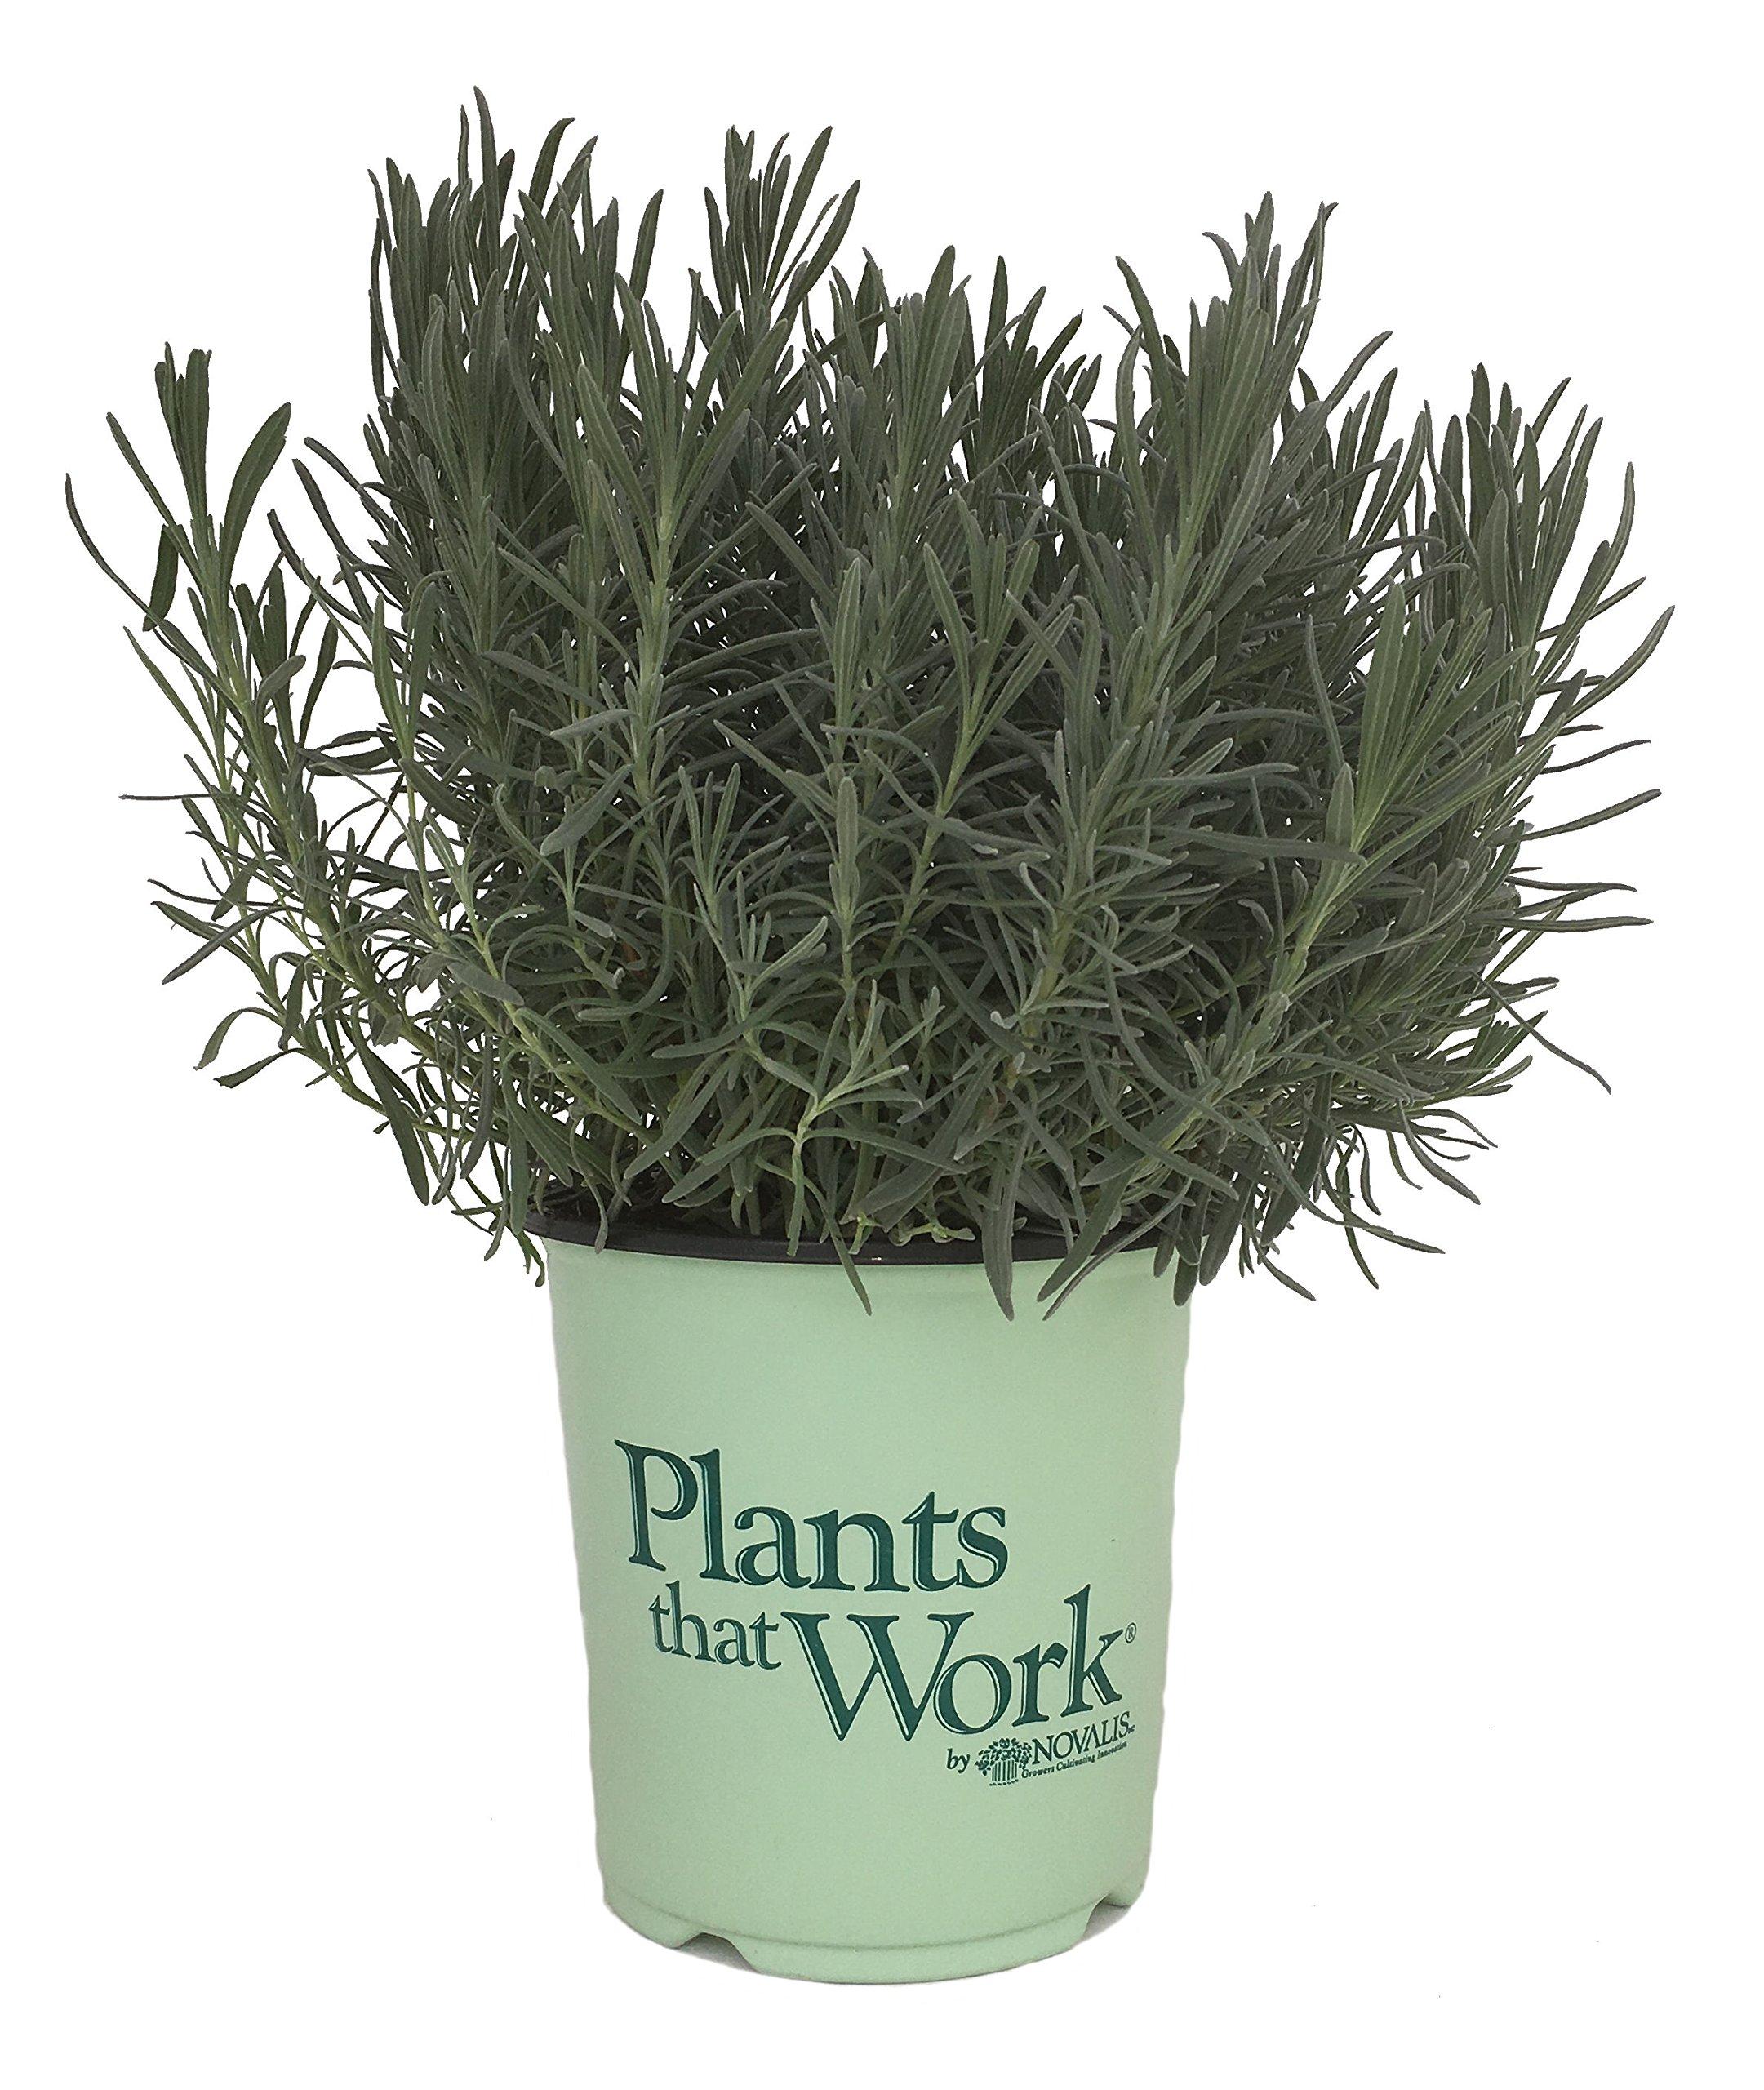 Plants That Work Phenomenal Lavender - Lavandula X I. Phenomenal - 19cm